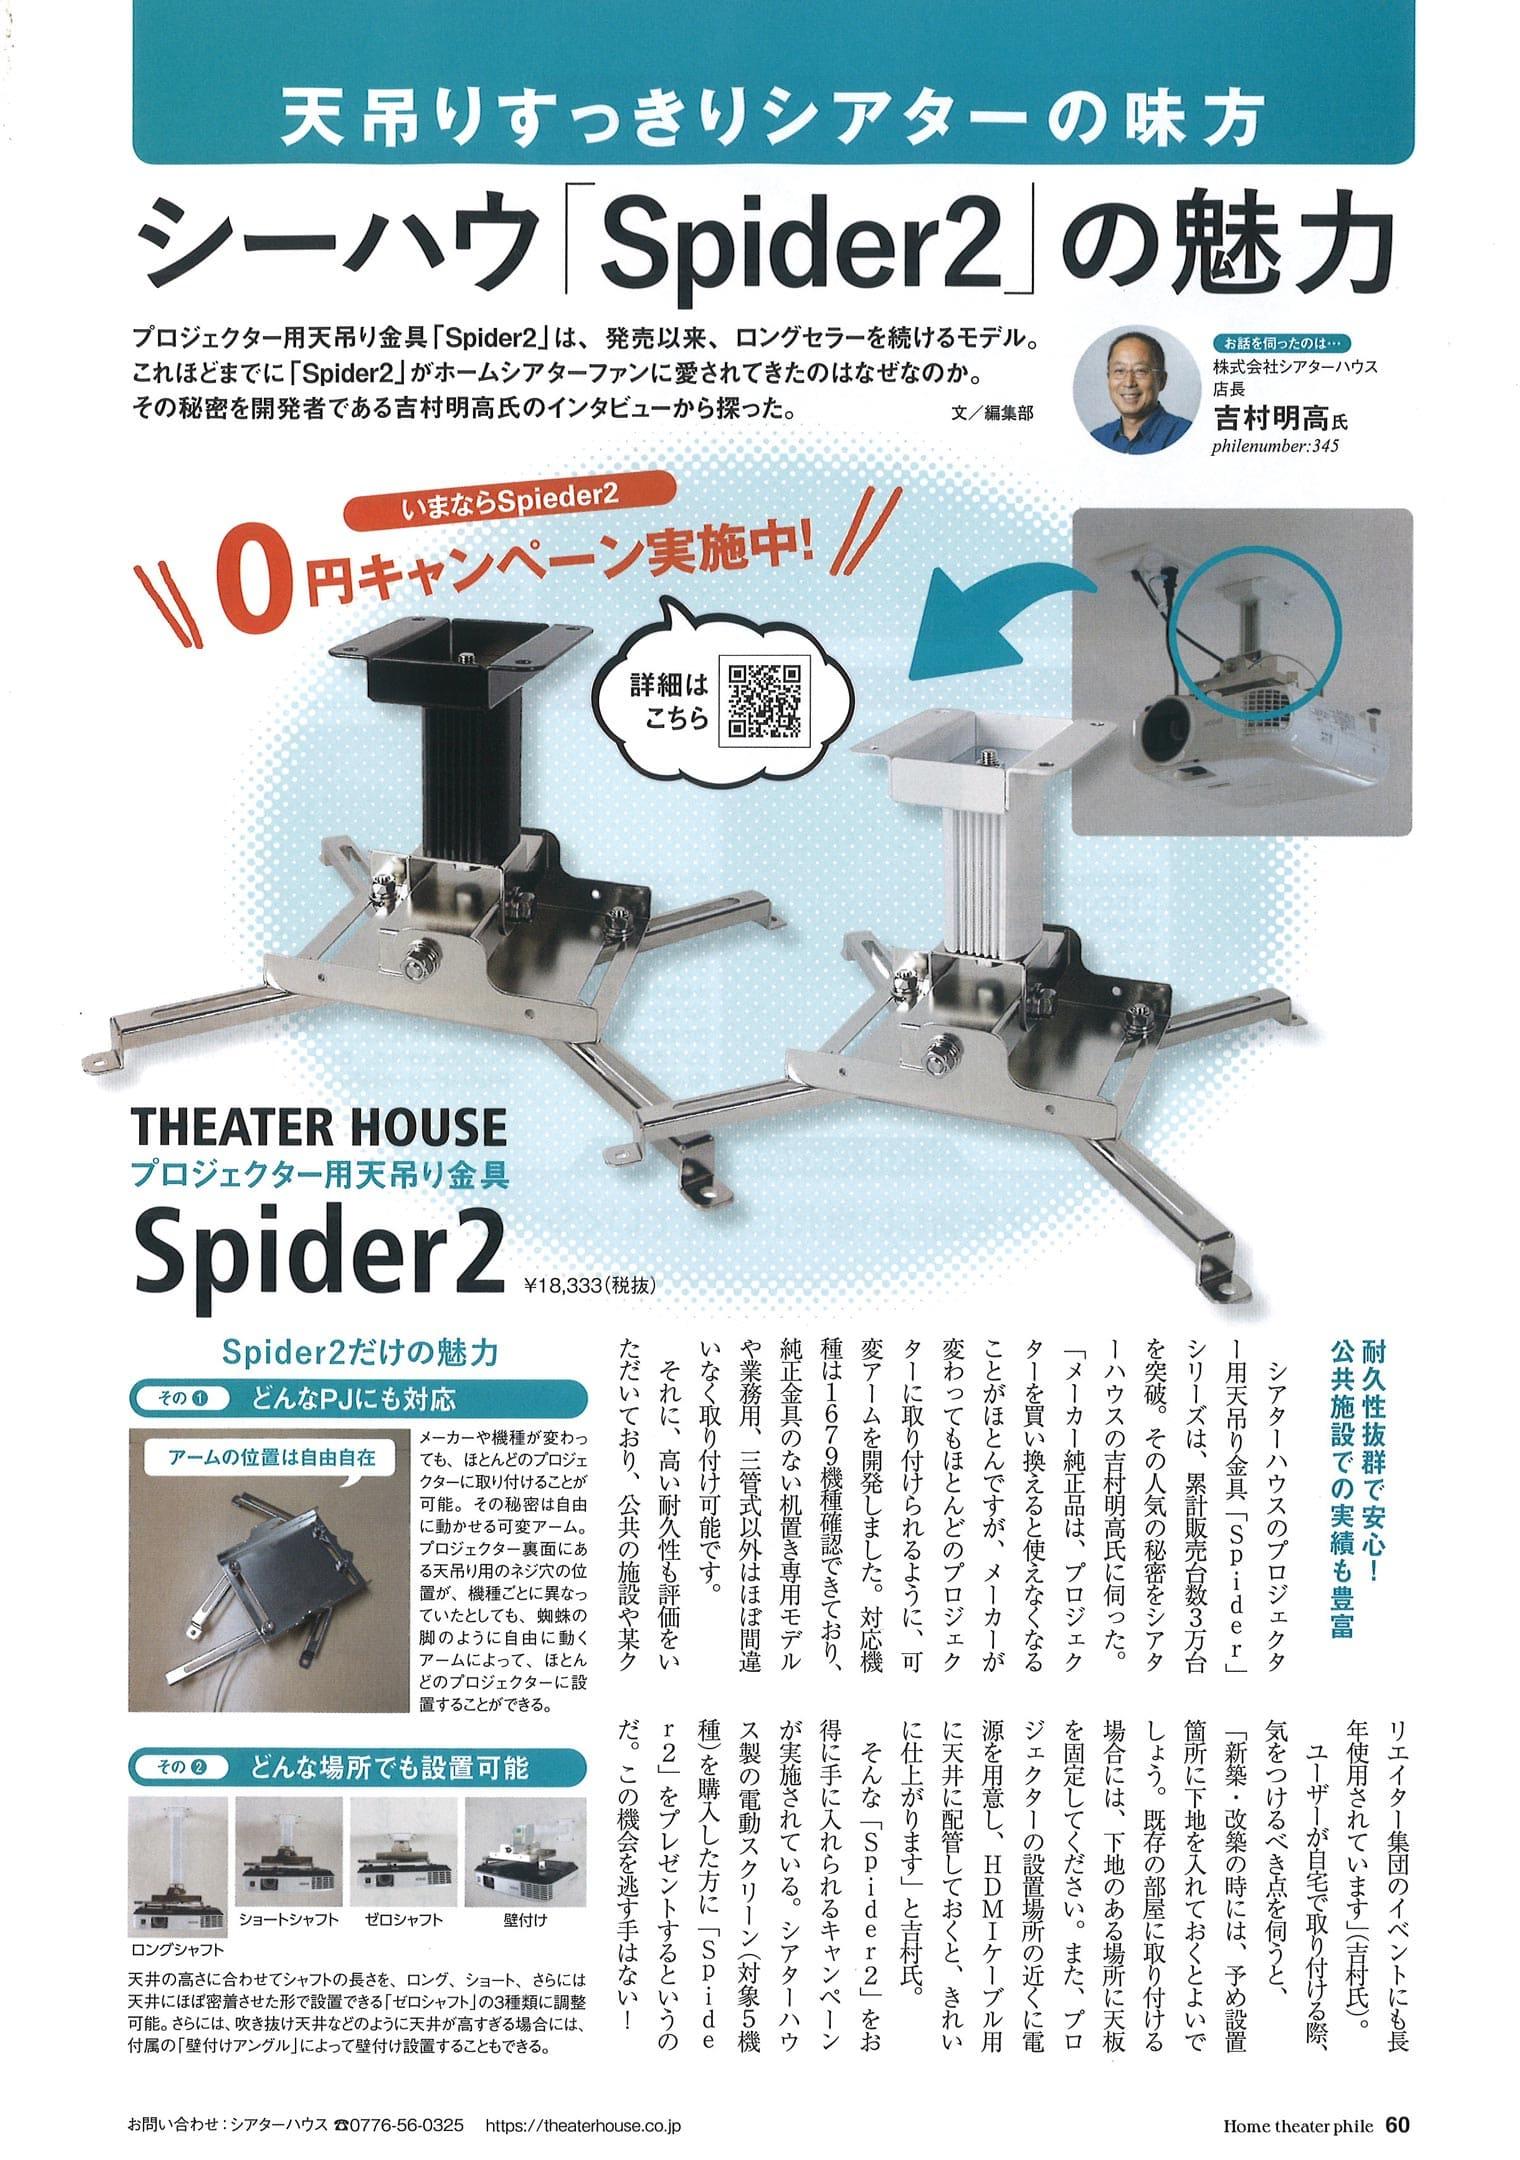 /></p> <p>プロジェクター用天吊り金具「Spider2」は、発売以来、ロングセラーを続けるモデル。<br /> これほどまでに「Spider2」がホームシアターファンに愛されてきたのはなぜなのか。<br /> その秘密を開発者である吉村明高氏のインタビューから探った。</p> <h2>耐久性抜群で安心!公共施設での実績も豊富</h2> <p>シアターハウスのプロジェクター用天吊り金具「Spider」シリーズは、累計販売台数3万台を突破。その人気の秘密をシアターハウスの吉村明高氏に伺った。<br /> 「メーカー純正品は、プロジェクターを買い換えると使えなくなることがほとんどですが、メーカーが変わってもほとんどのプロジェクターに取り付けられるように、可変アームを開発しました。対応機種は1679機種確認できており、純正金具のない机置き専用モデルや業務用、三管式以外はほぼ間違いなく取り付け可能です。</p> <p>それに、高い耐久性も評価をいただいており、公共の施設や某クリエイター集団のイベントにも長年使用されています」(吉村氏)。<br /> ユーザーが自宅で取り付ける際、気をつけるべき点を伺うと、「新築・改築の時には、予め設置箇所に下地を入れておくとよいでしょう。既存の部屋に取り付ける場合には、下地のある場所に天板を固定してください。また、プロジェクターの設置場所の近くに電源を用意し、HDMIケーブル用に天井に配管しておくと、きれいに仕上がります」と吉村氏。<br /> そんな「「Spider2」をお得に手に入れられるキャンペーンが実施されている。シアターハウス製の電動スクリーン(対象5機種)を購入した方に、「Spider2」をプレゼントするというのだ。この機会を逃す手はない!</p>         </div><!-- /#post_content -->                 </div><!-- /#post_box -->        <div id=